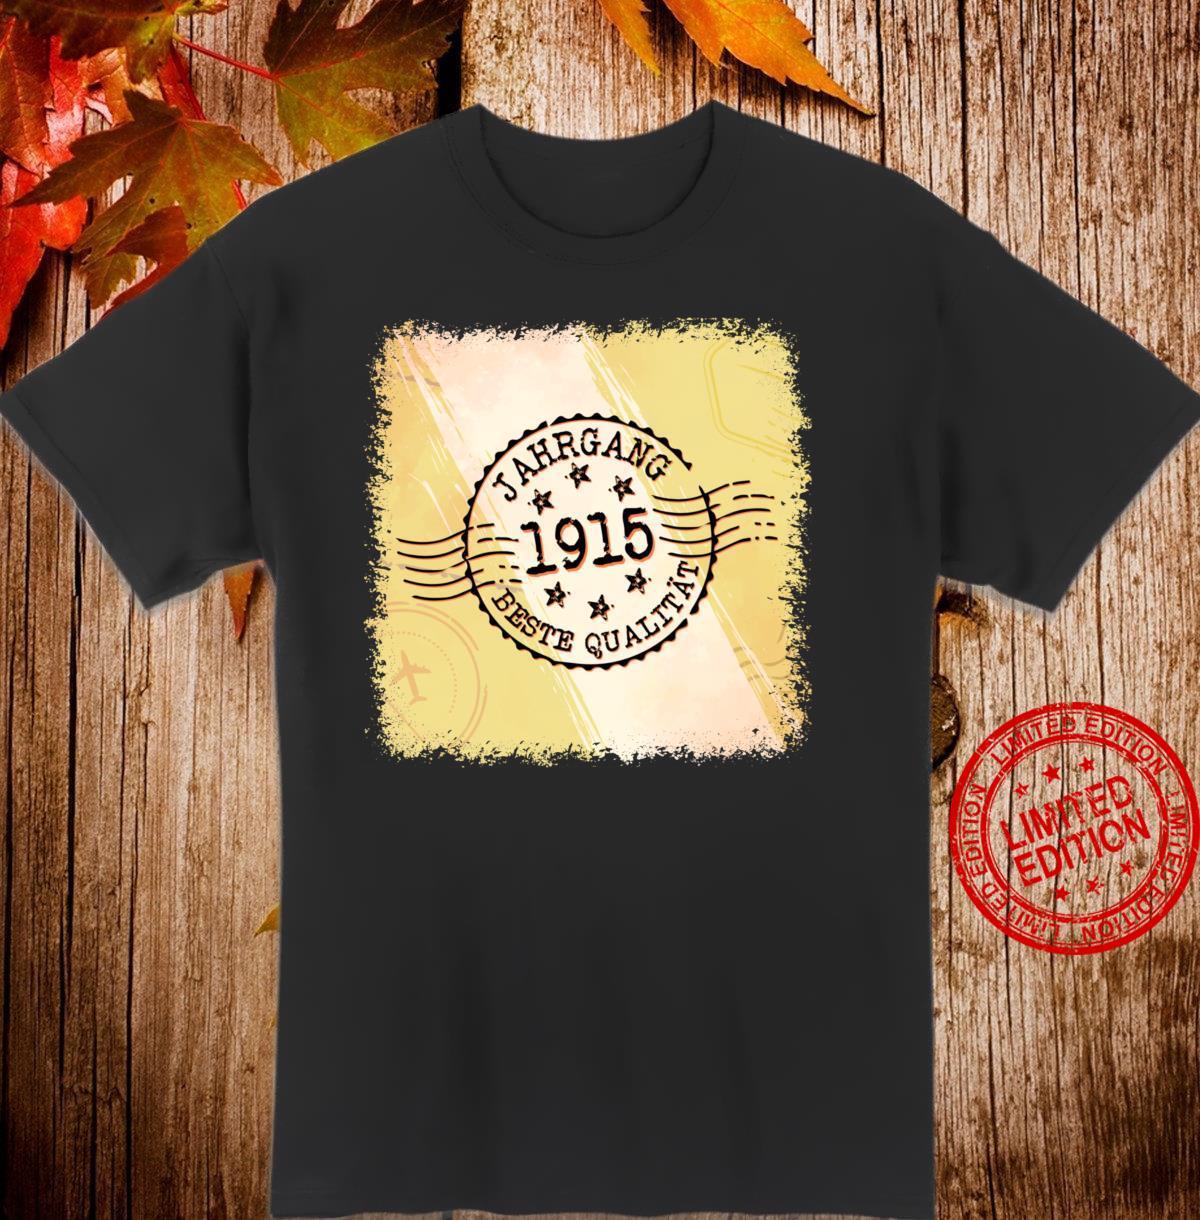 Jahrgang 1915 Geburtstagsgeschenk 105 Jahre Geburtstag Shirt